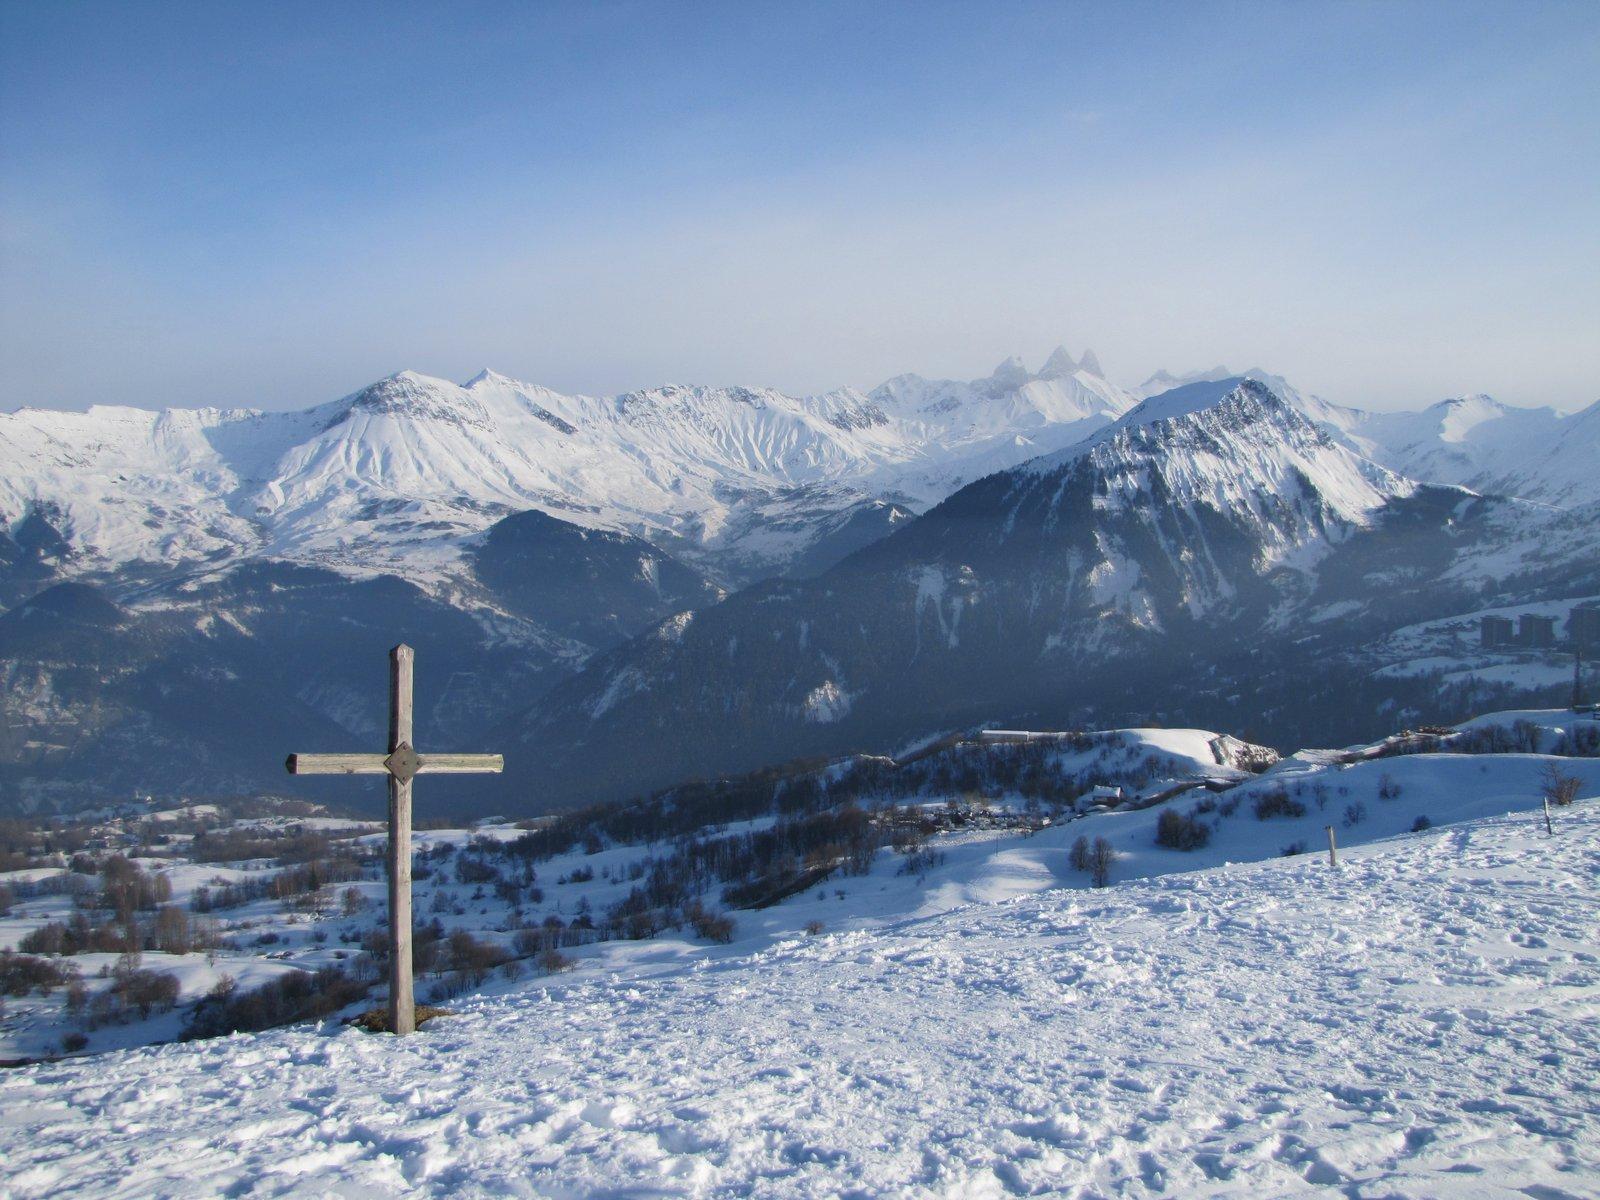 Vue sur la vallée et Saint-Jean-de-Maurienne depuis La Toussuire